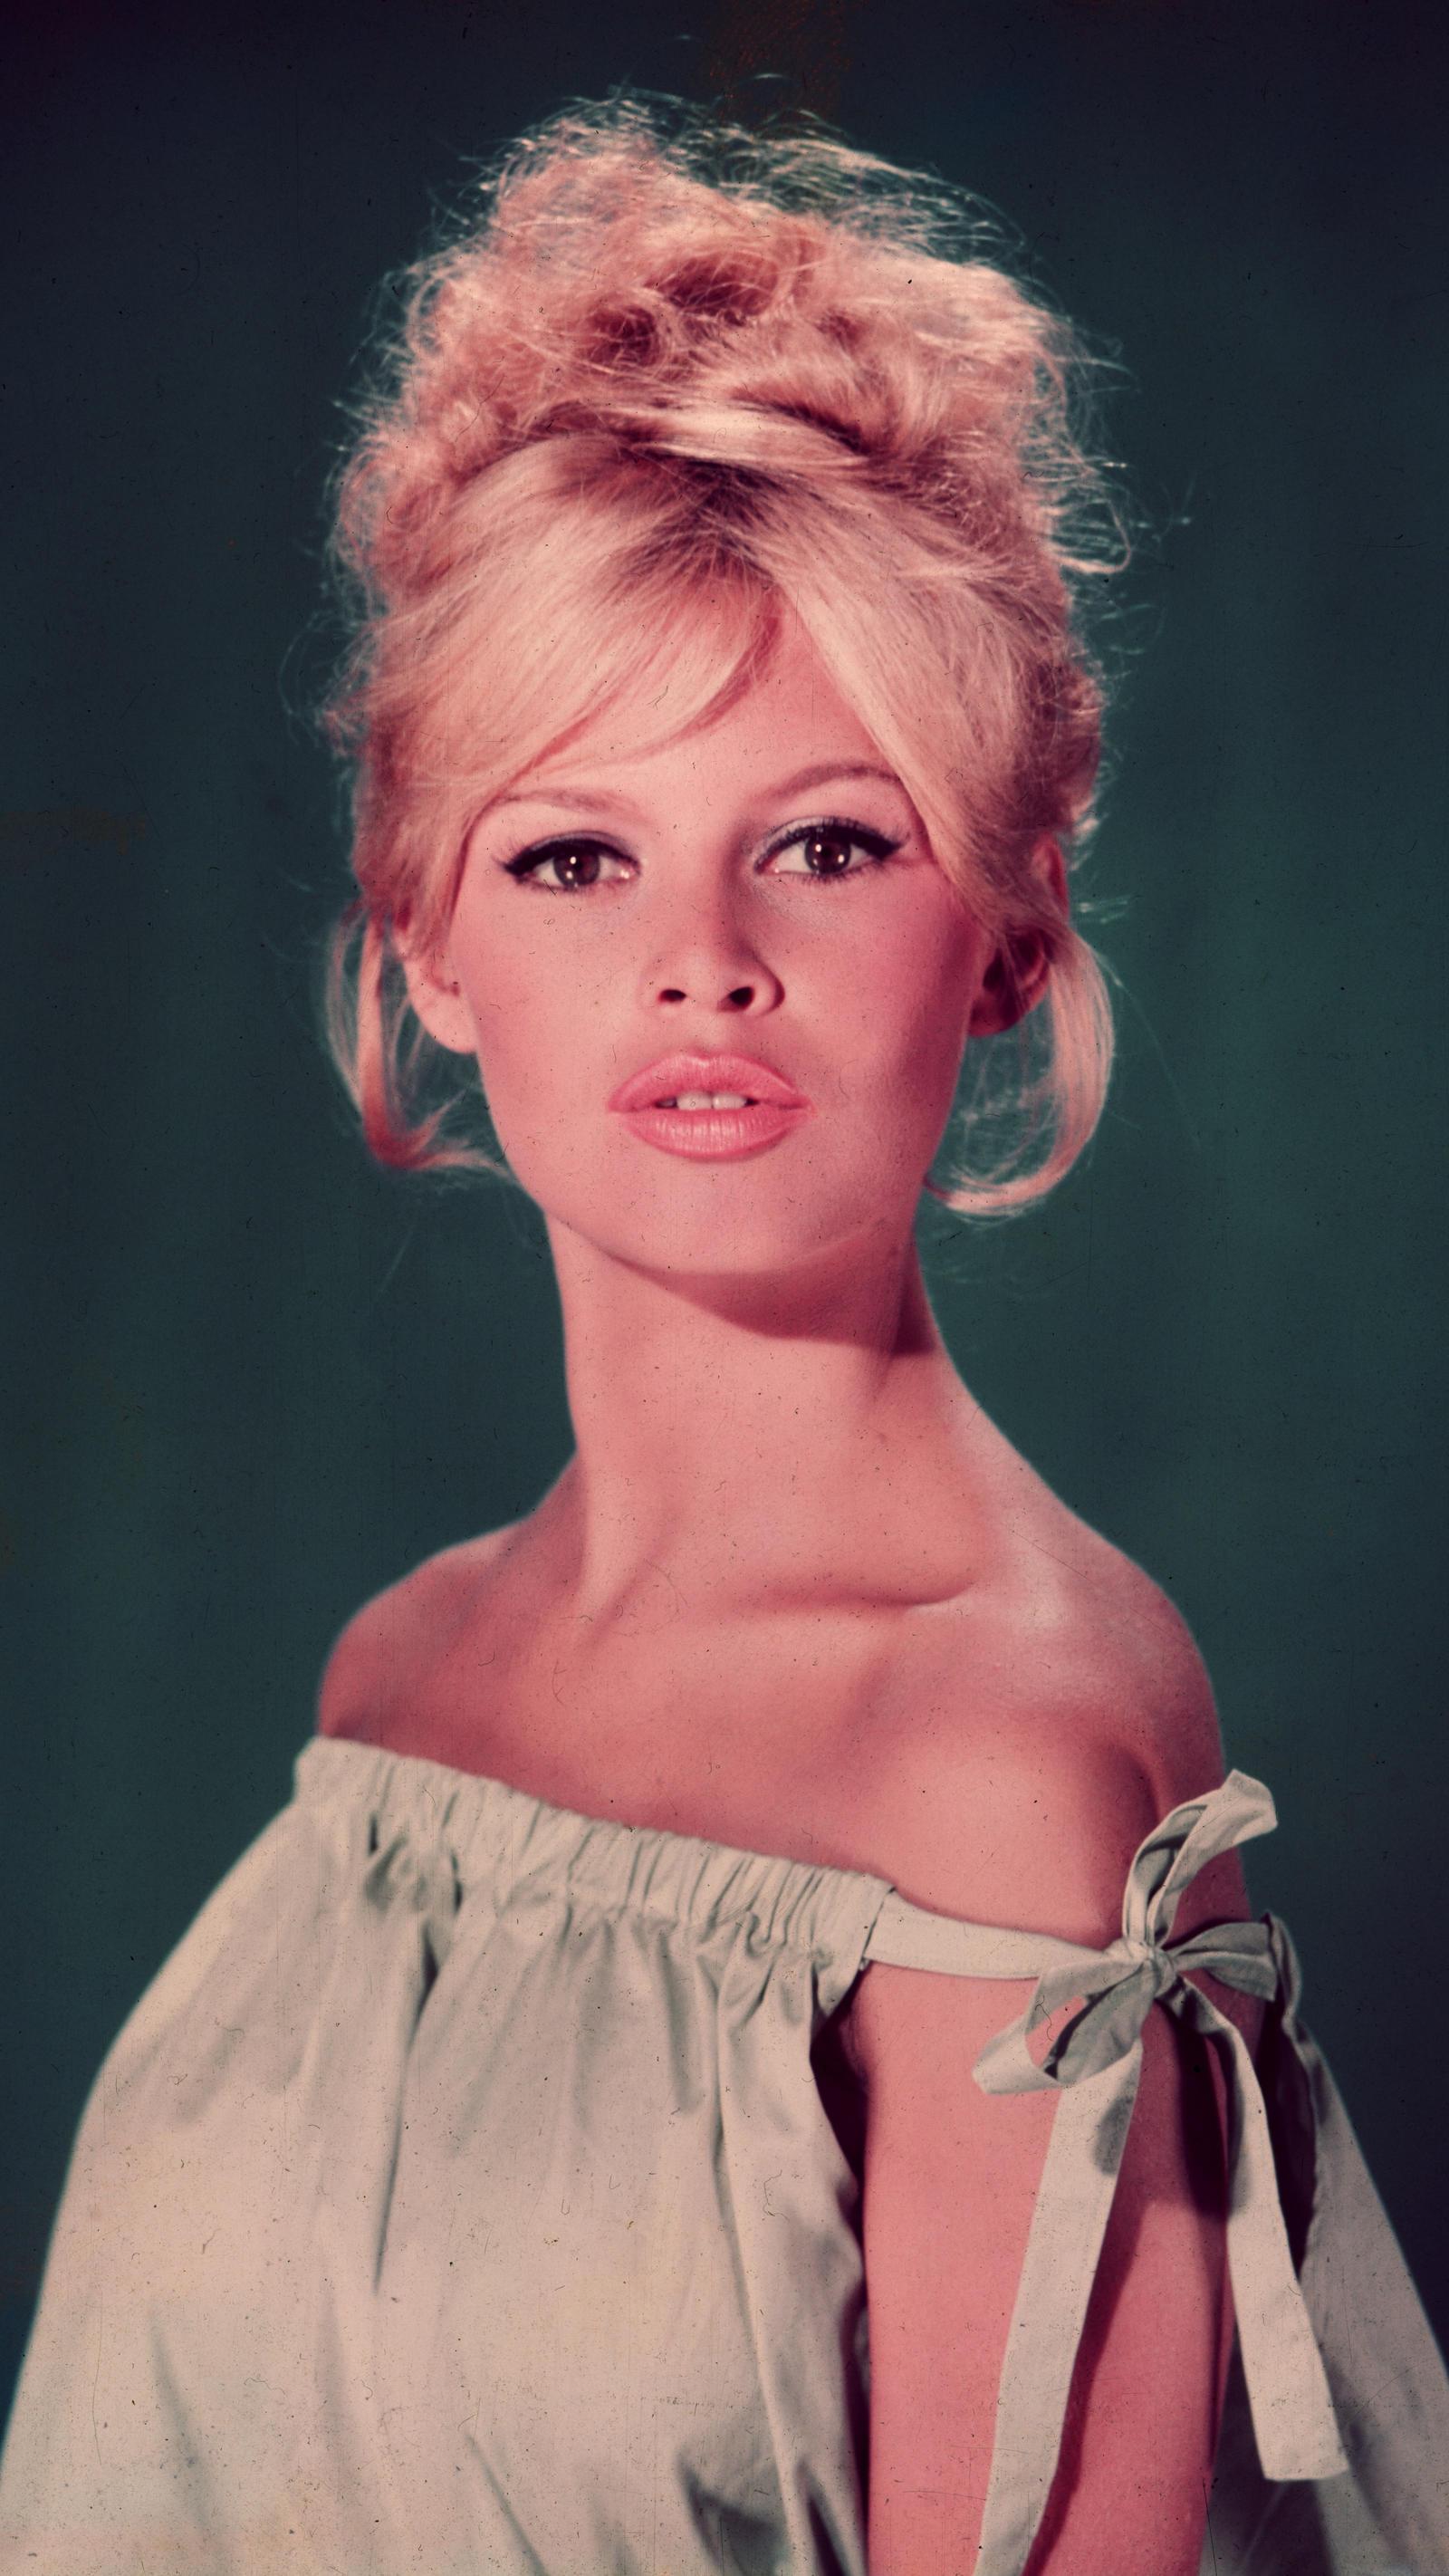 A francia modell és színésznő hosszú, szőke, művészien kócos fürtjei azt sugallták, mintha pajkoskodásból tért volna vissza, a szénakazalból.